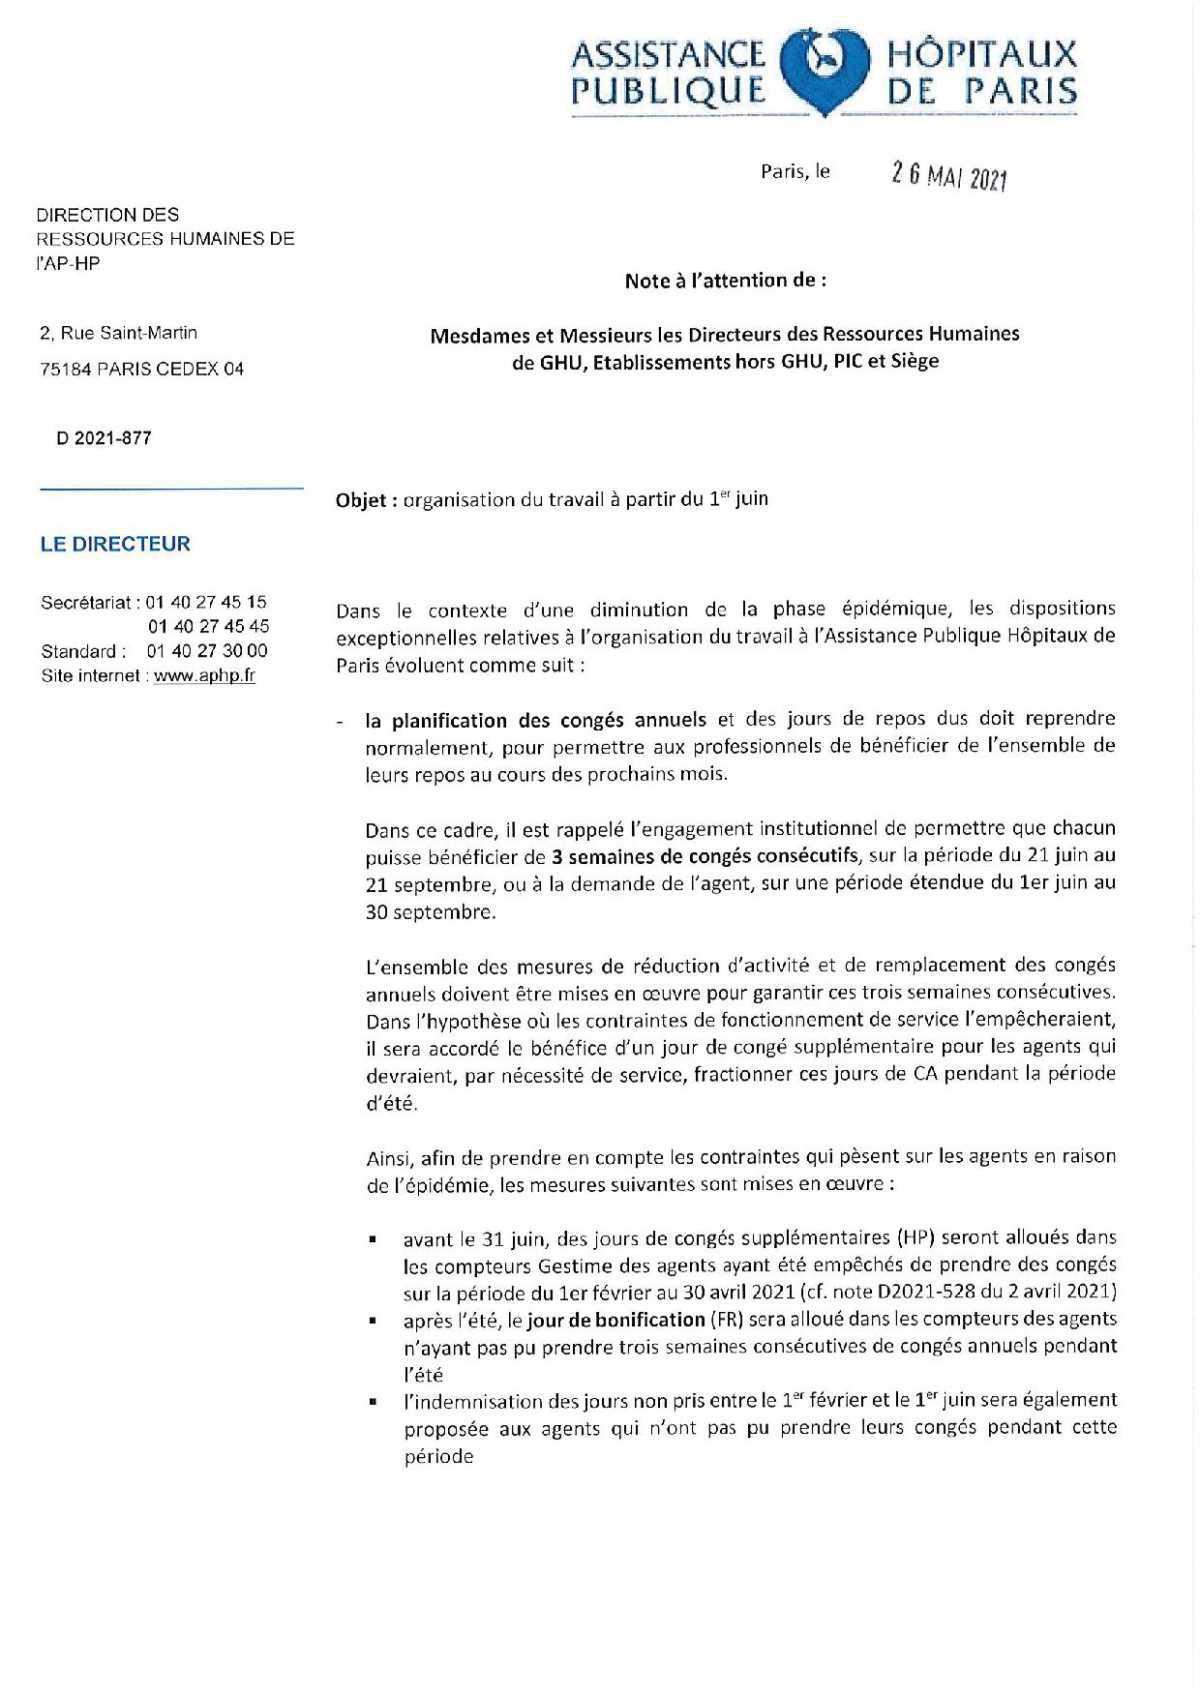 Organisation du travail à compter du 1er juin à l'APHP